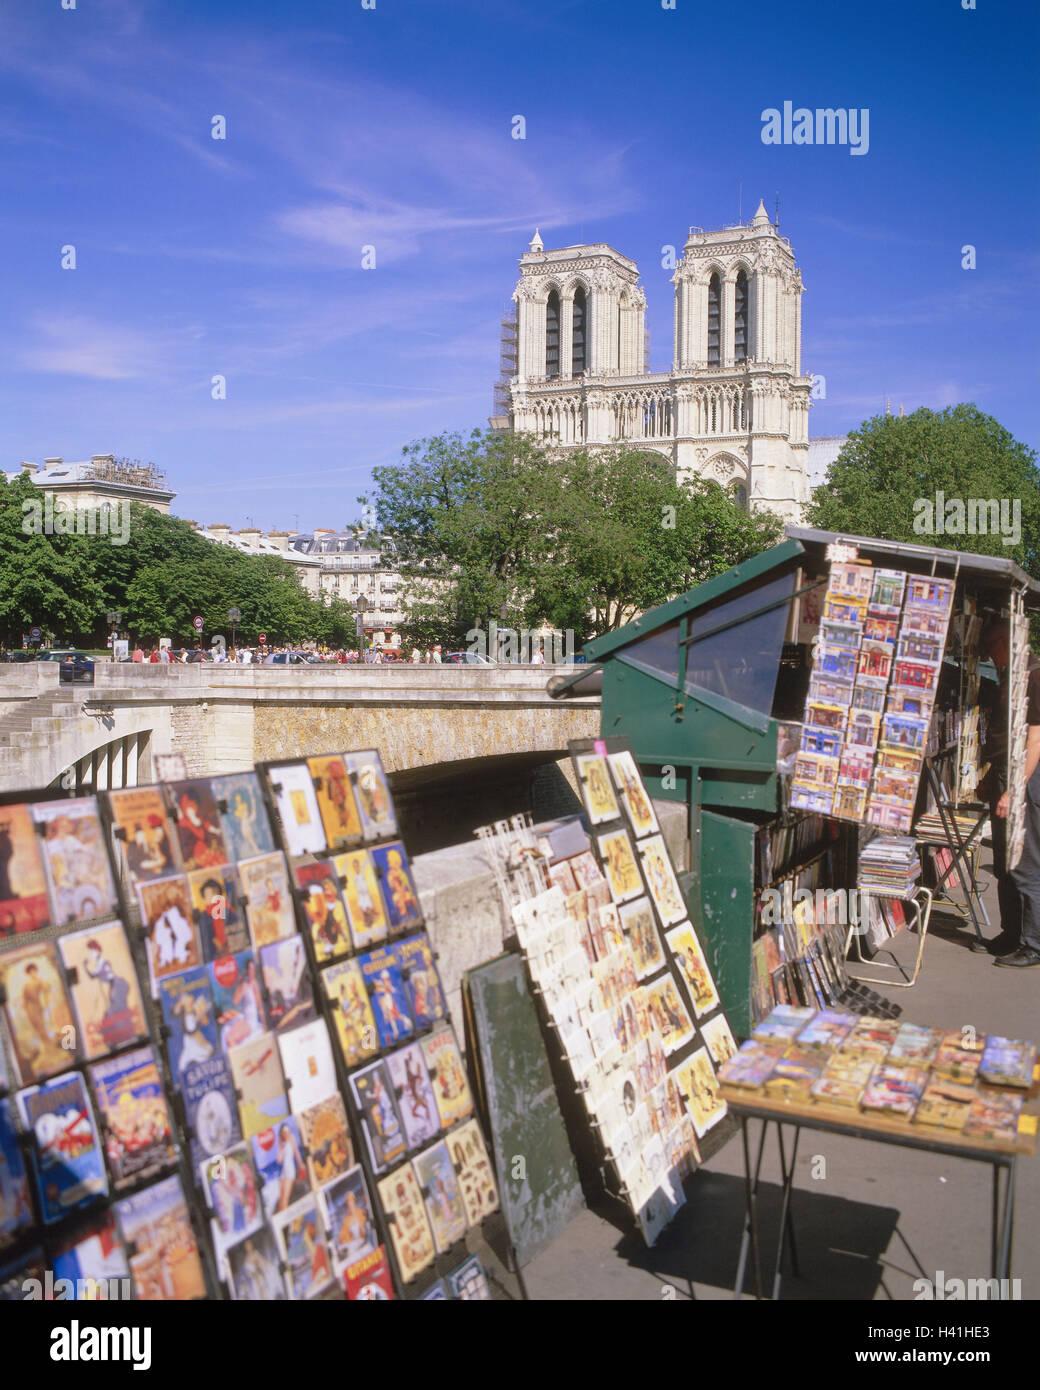 France, Paris, Ile de la Cite, cathedral Notre lady, street sales, postcards, Europe, République Française, - Stock Image